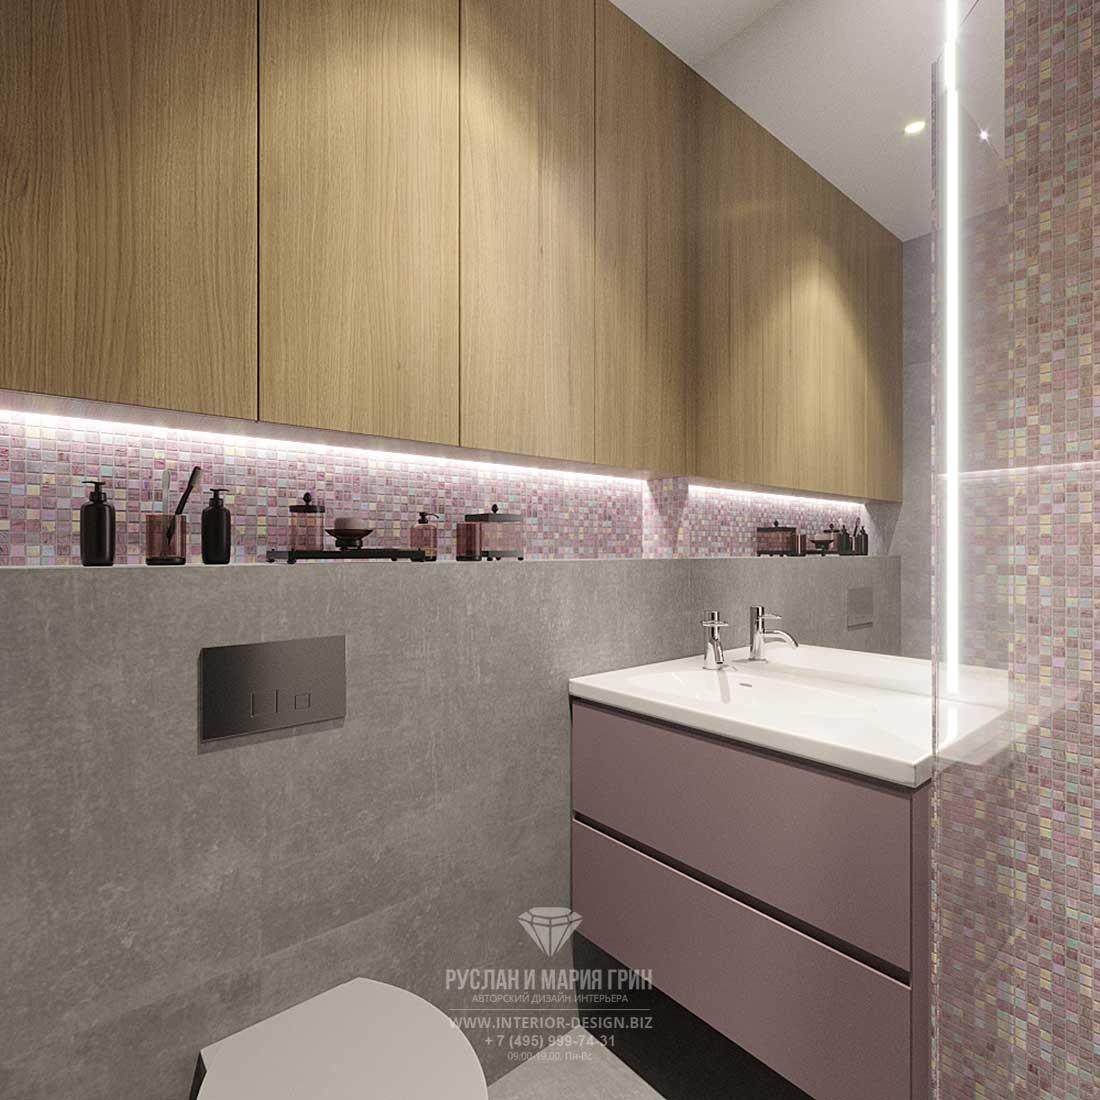 Дизайн ванной комнаты в современном стиле с открытой полкой